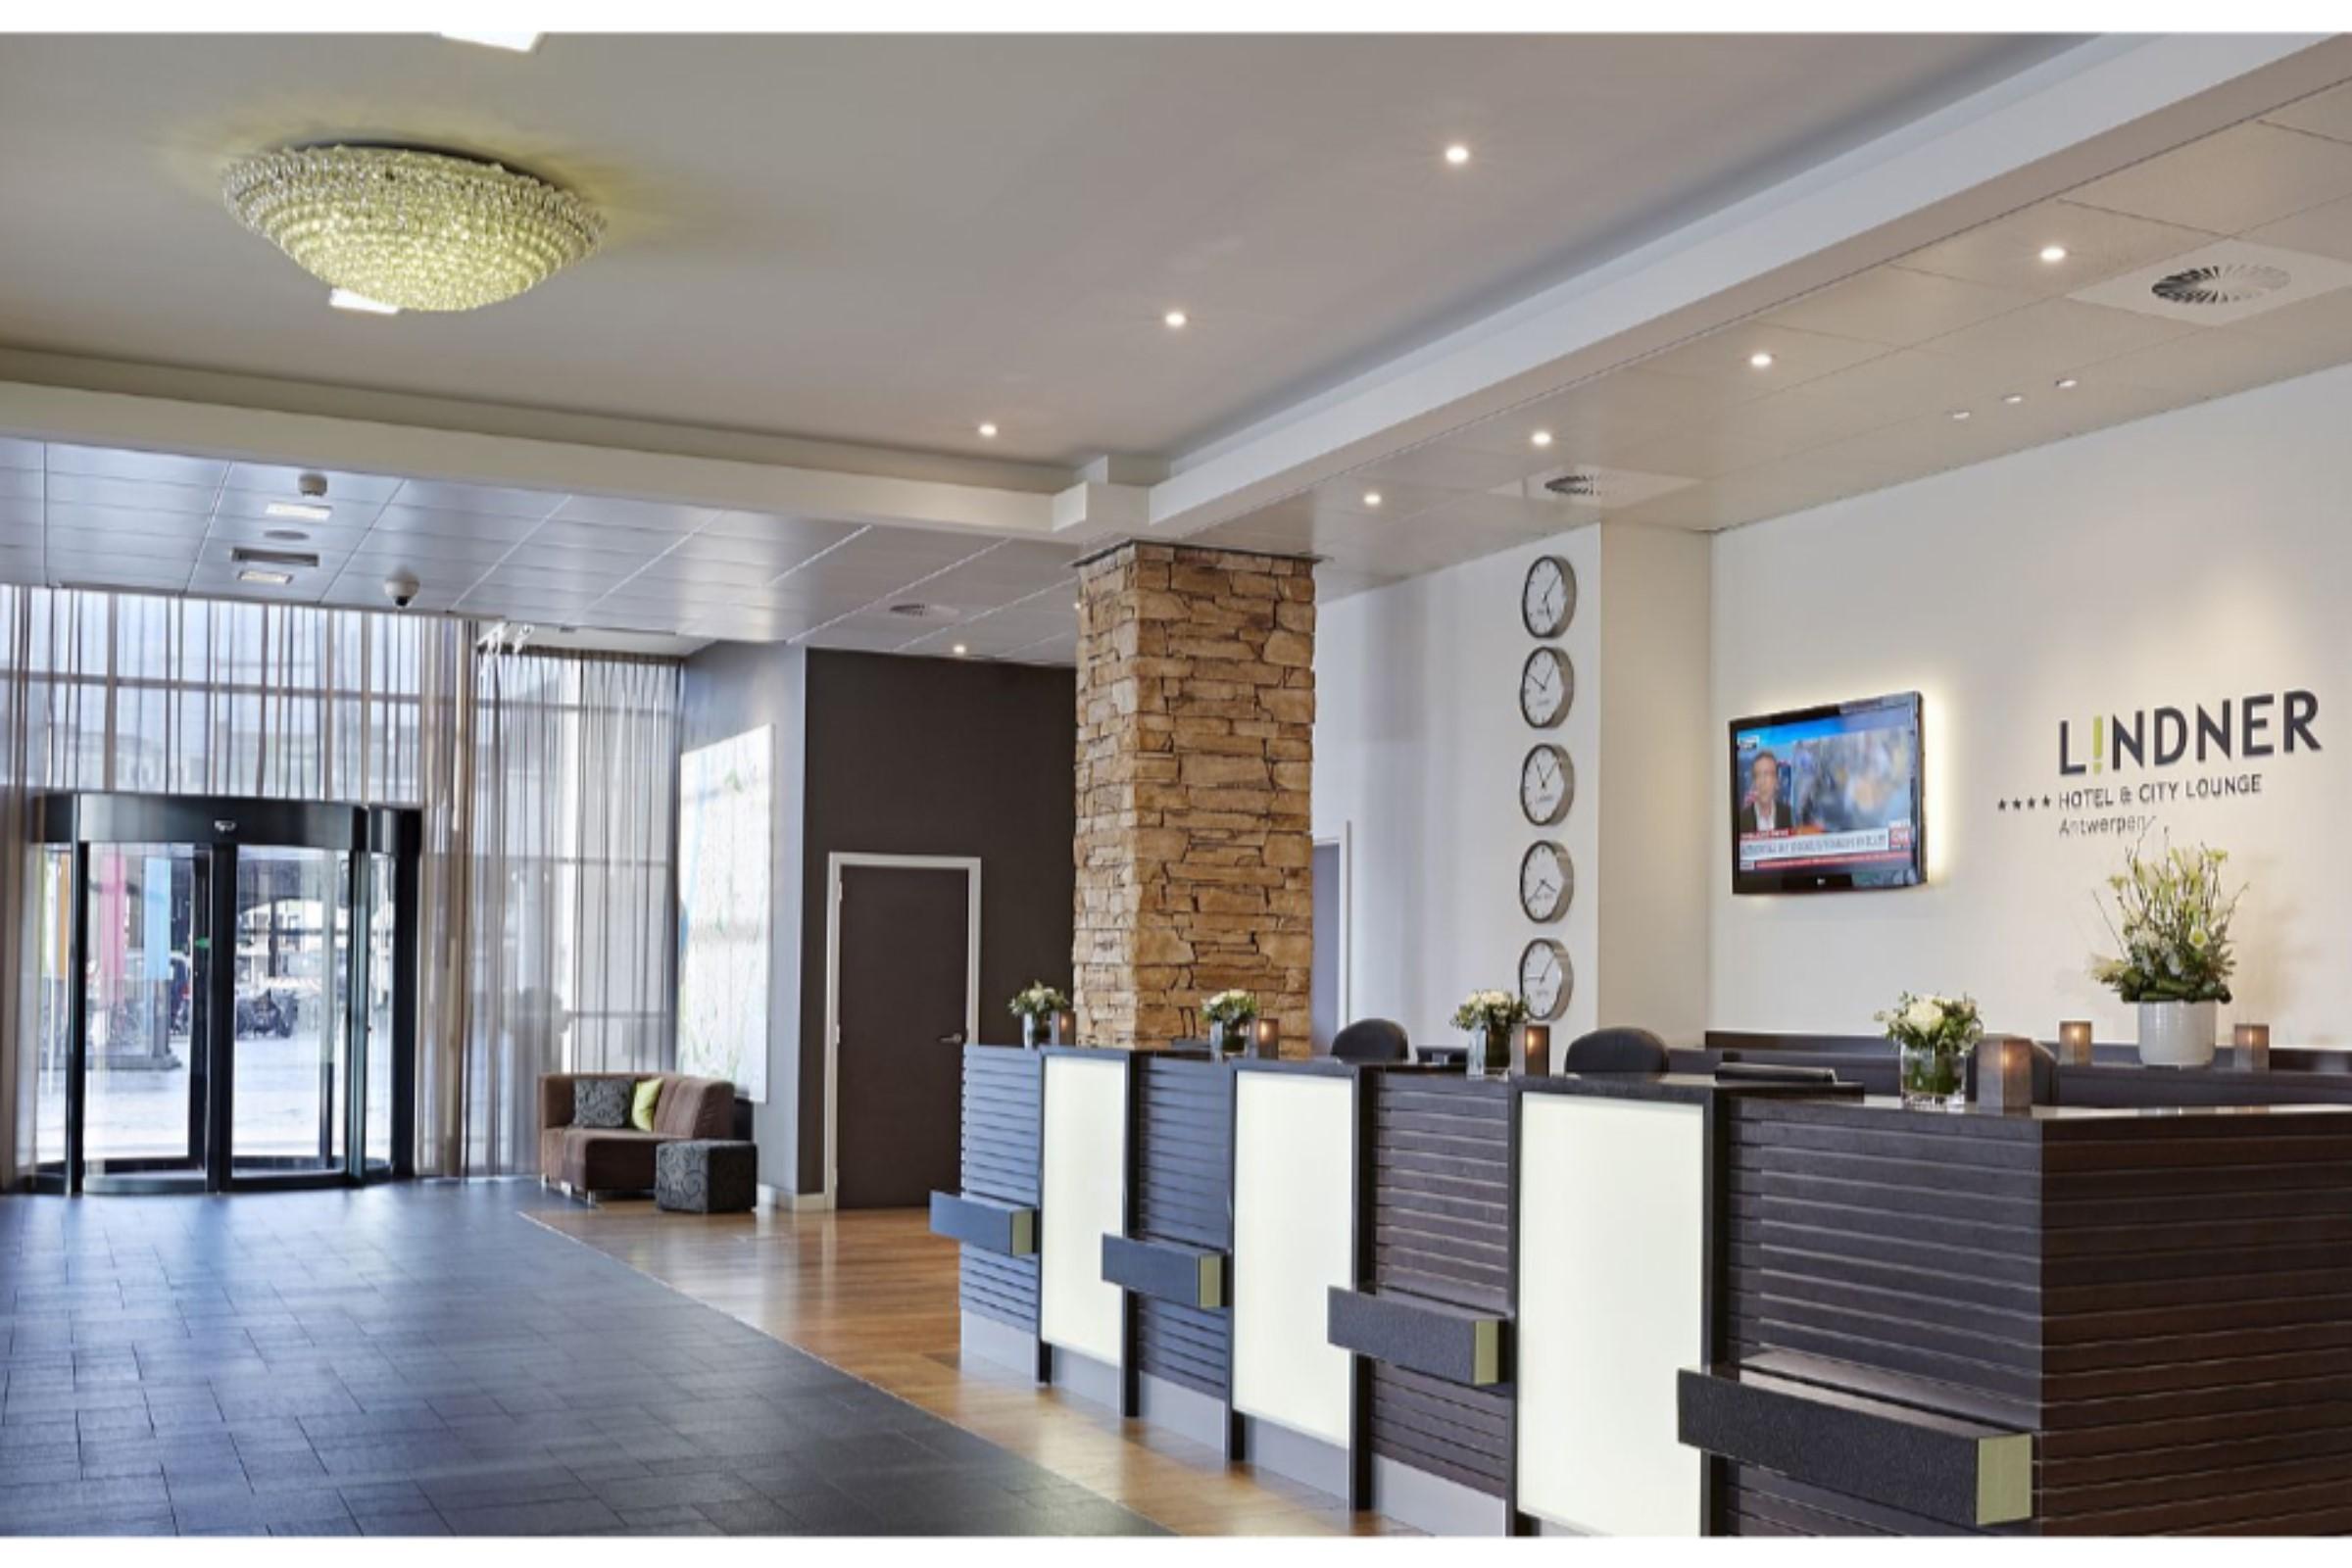 cazare la Lindner Hotel & City Lounge Antwerpen